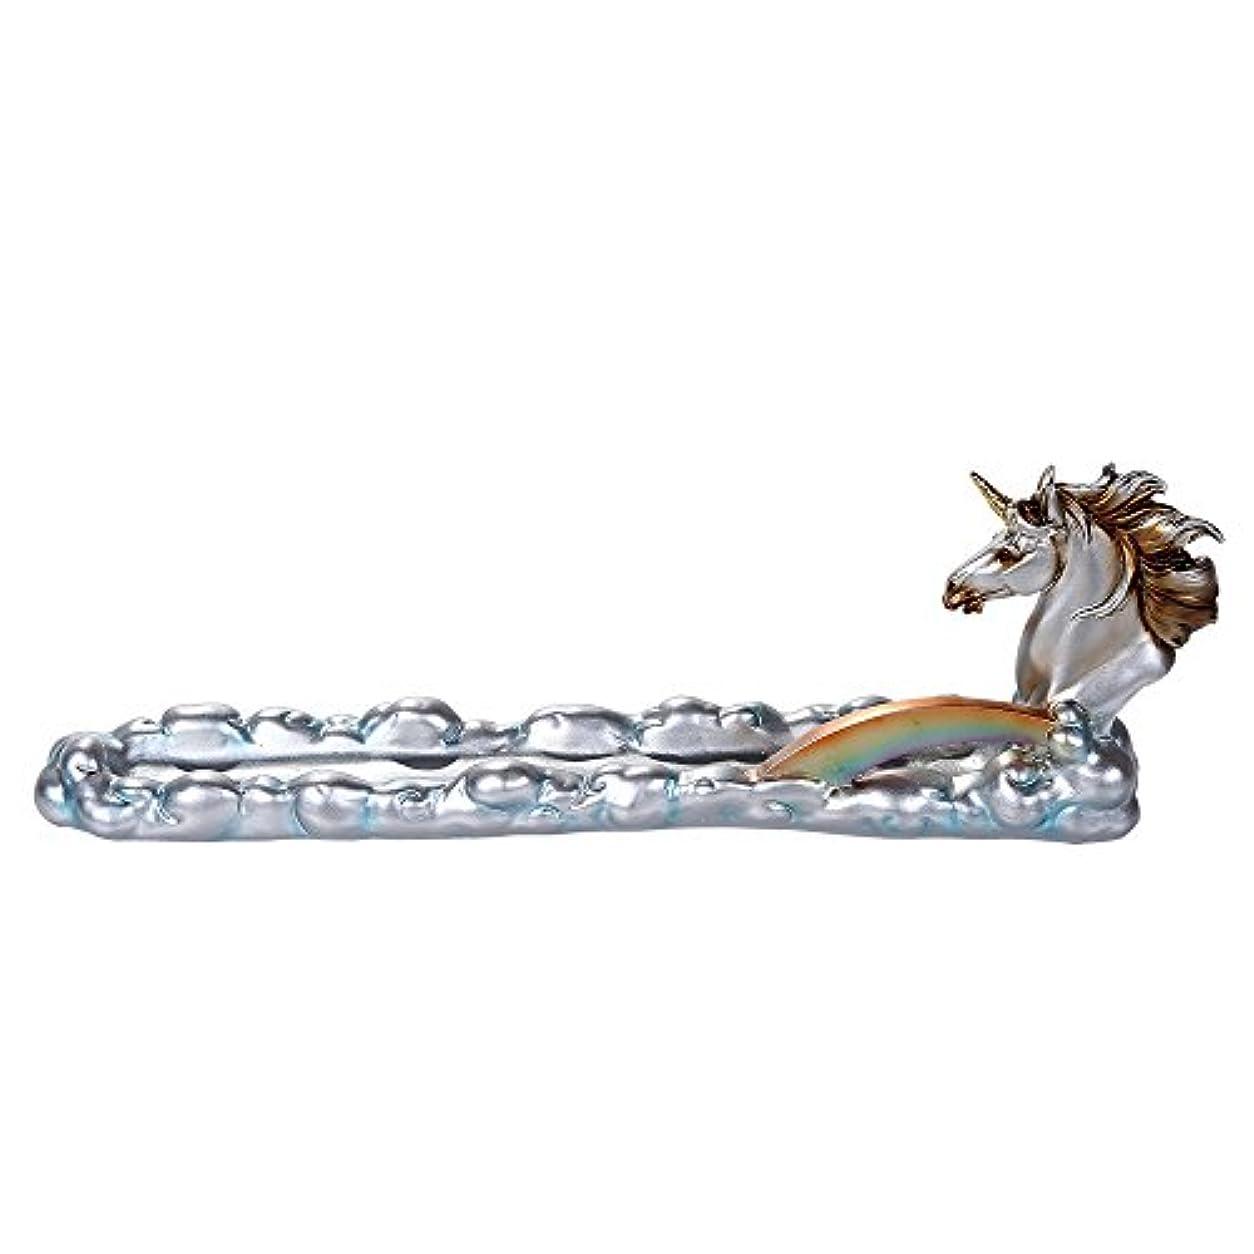 共役ショップ引き受けるファンタジーWonderlandユニコーンoverカラフルなレインボーブリッジStick Incense Holder 12インチL